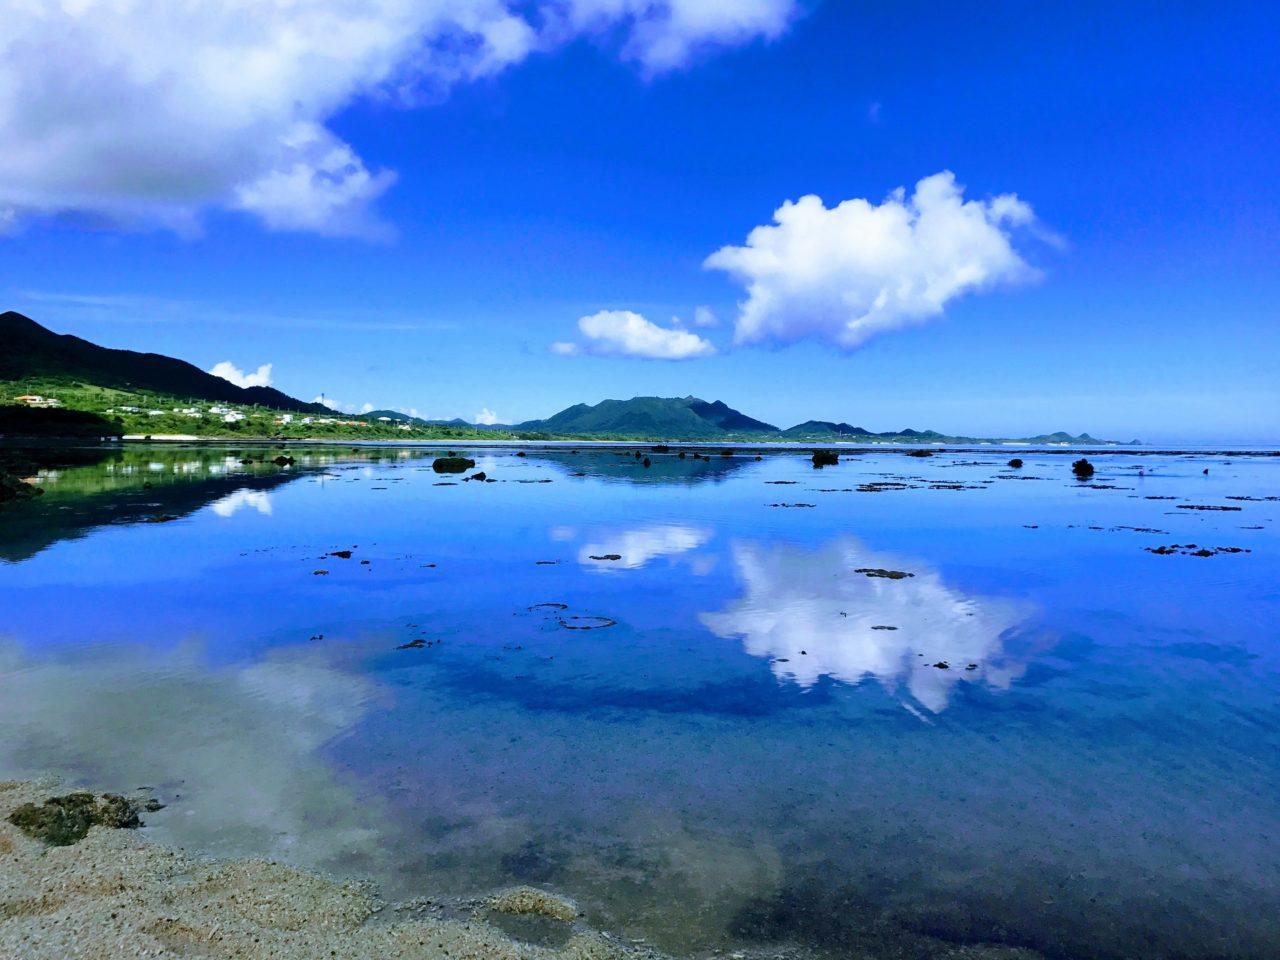 米原ビーチから望む「逆さ川平半島」